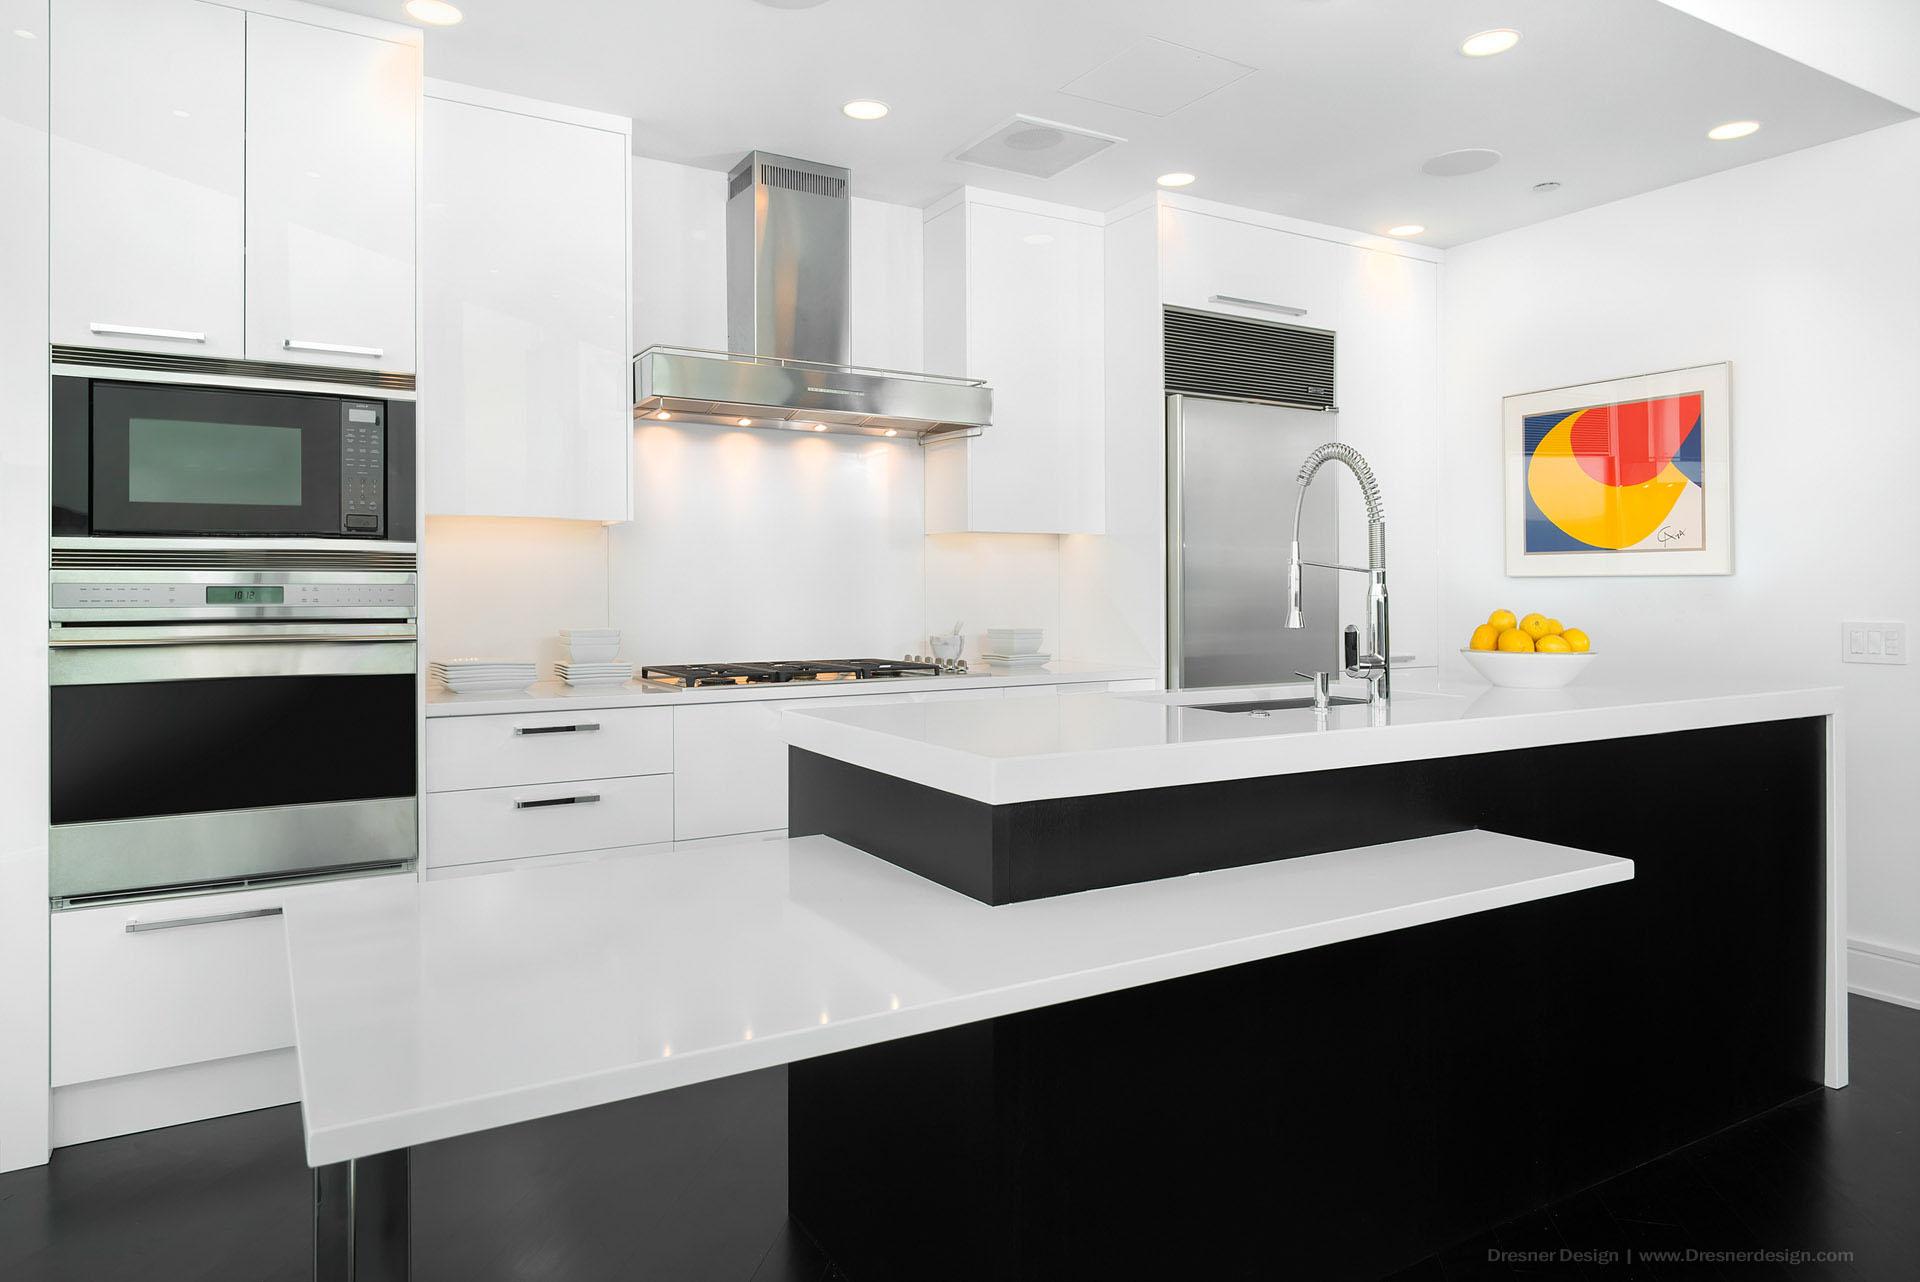 kitchenbathtrends kitchen and bath design Kitchen